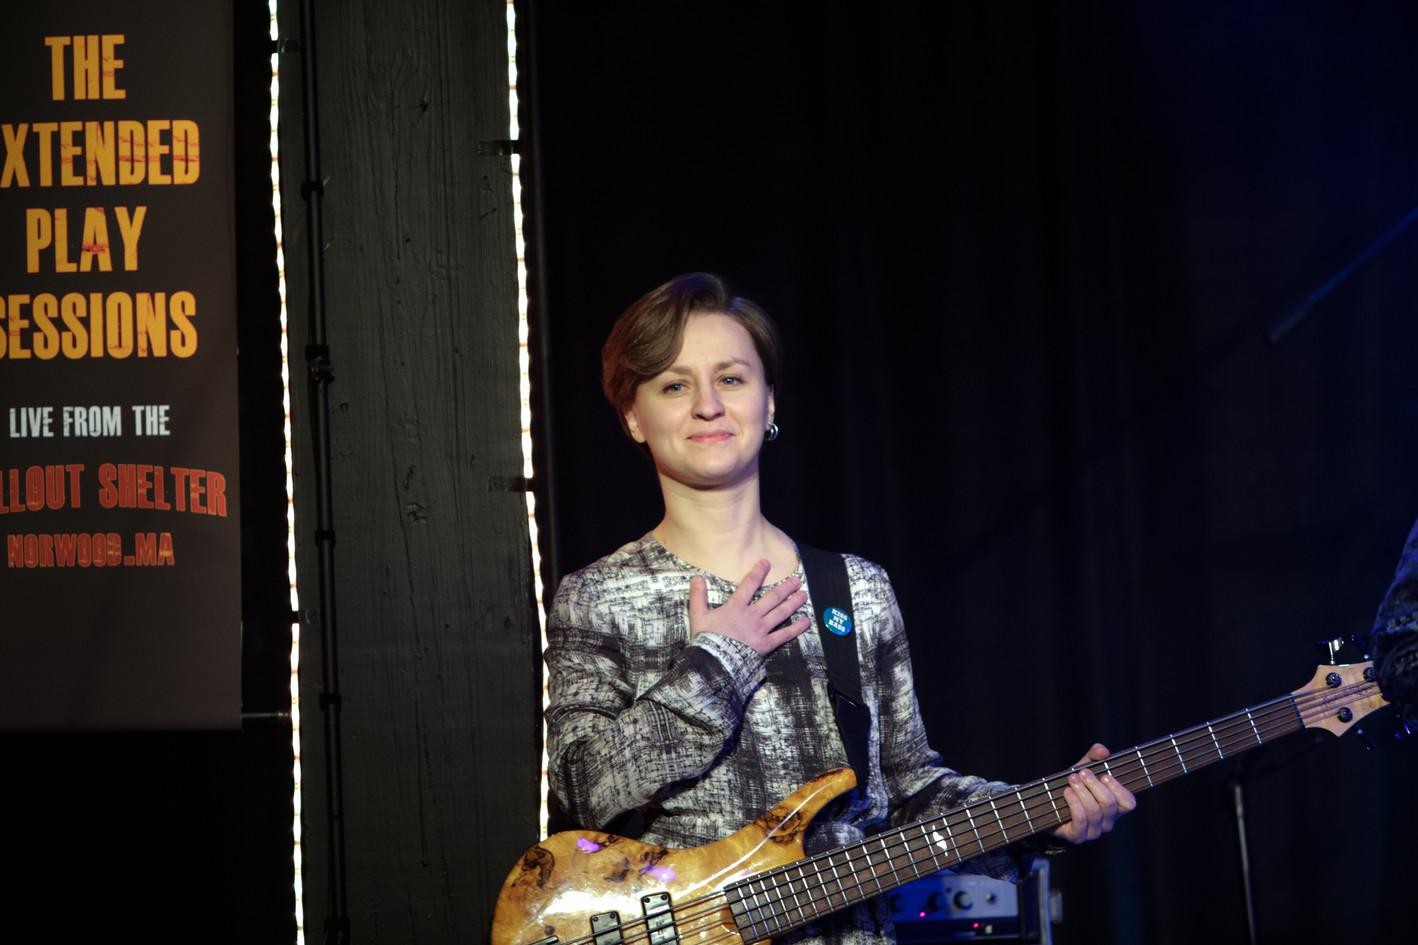 Ksenia Vasileva of the Willie J. Laws Band